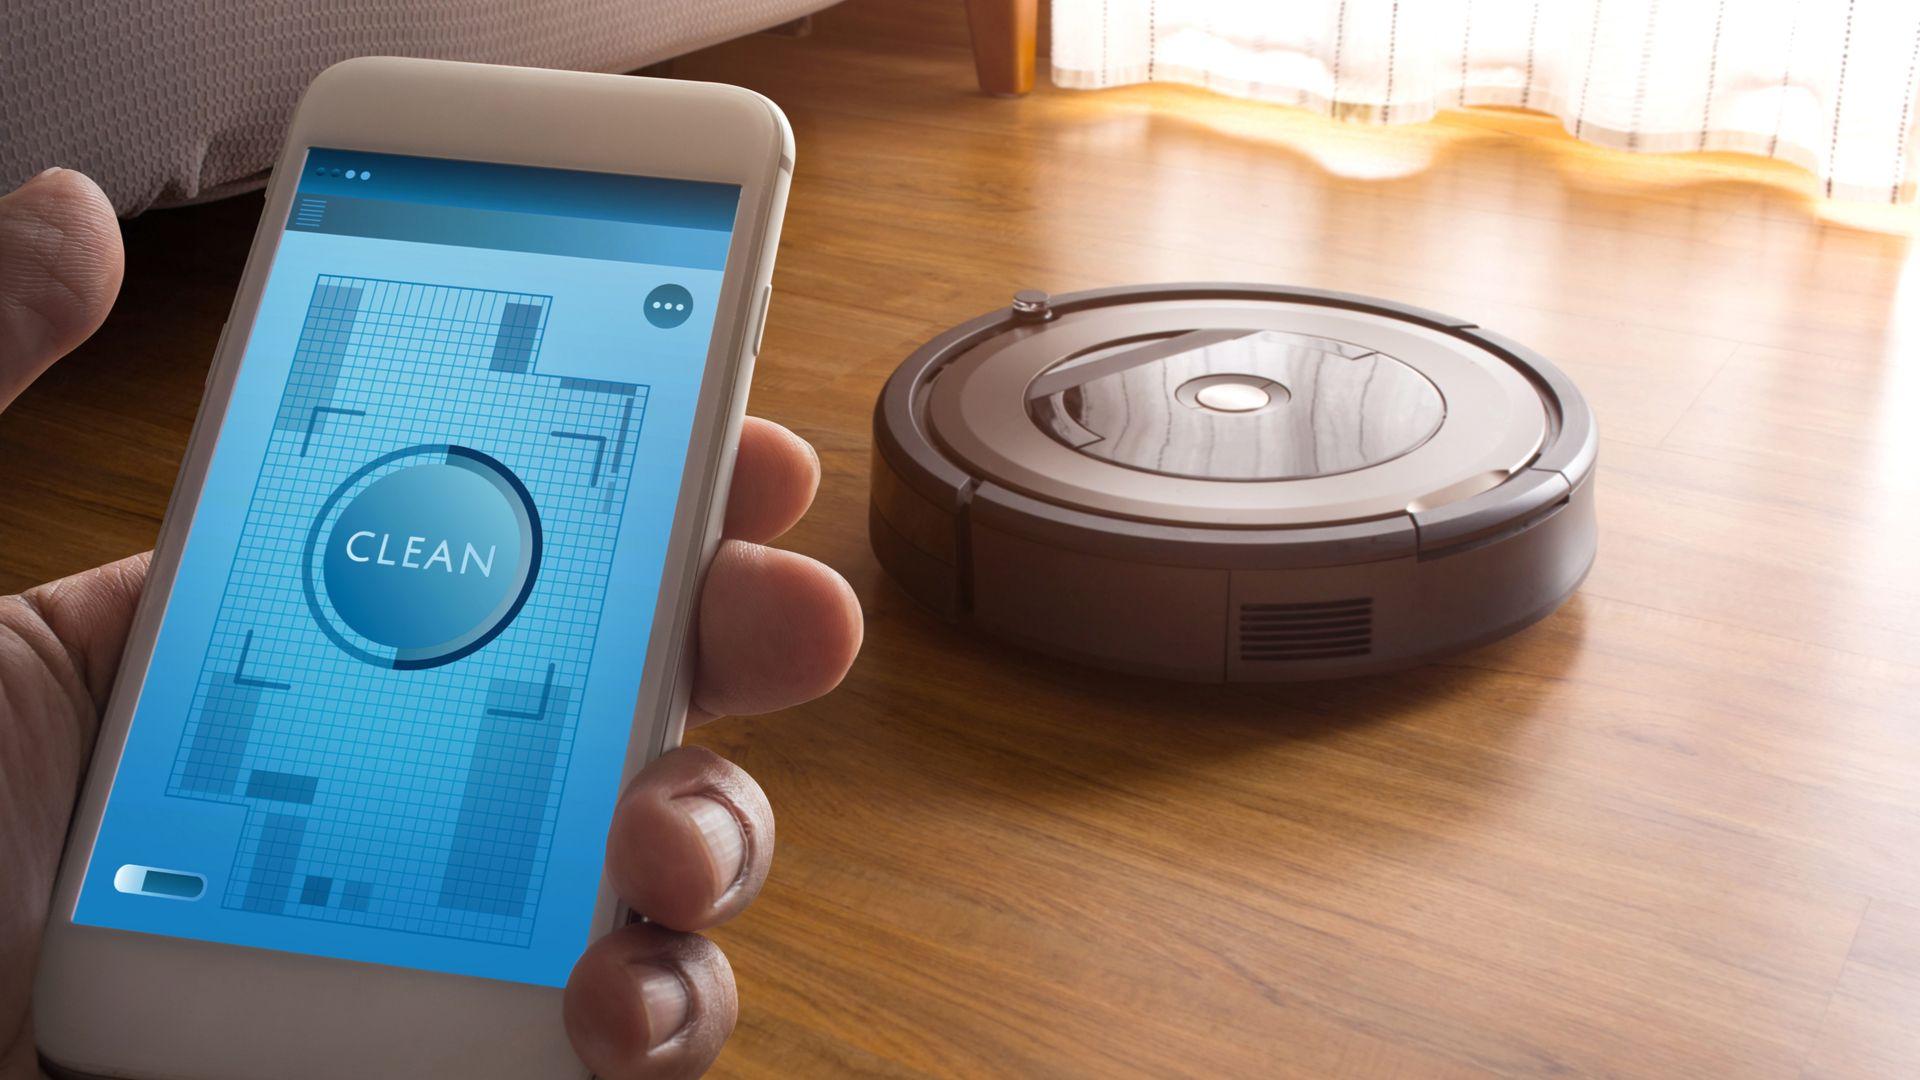 Alguns modelos de aspiradores de pó robô são smarts e podem ser controlados por aplicativos e, até mesmo, comandos de voz. (Imagem: HAKINMHAN/Shutterstock)